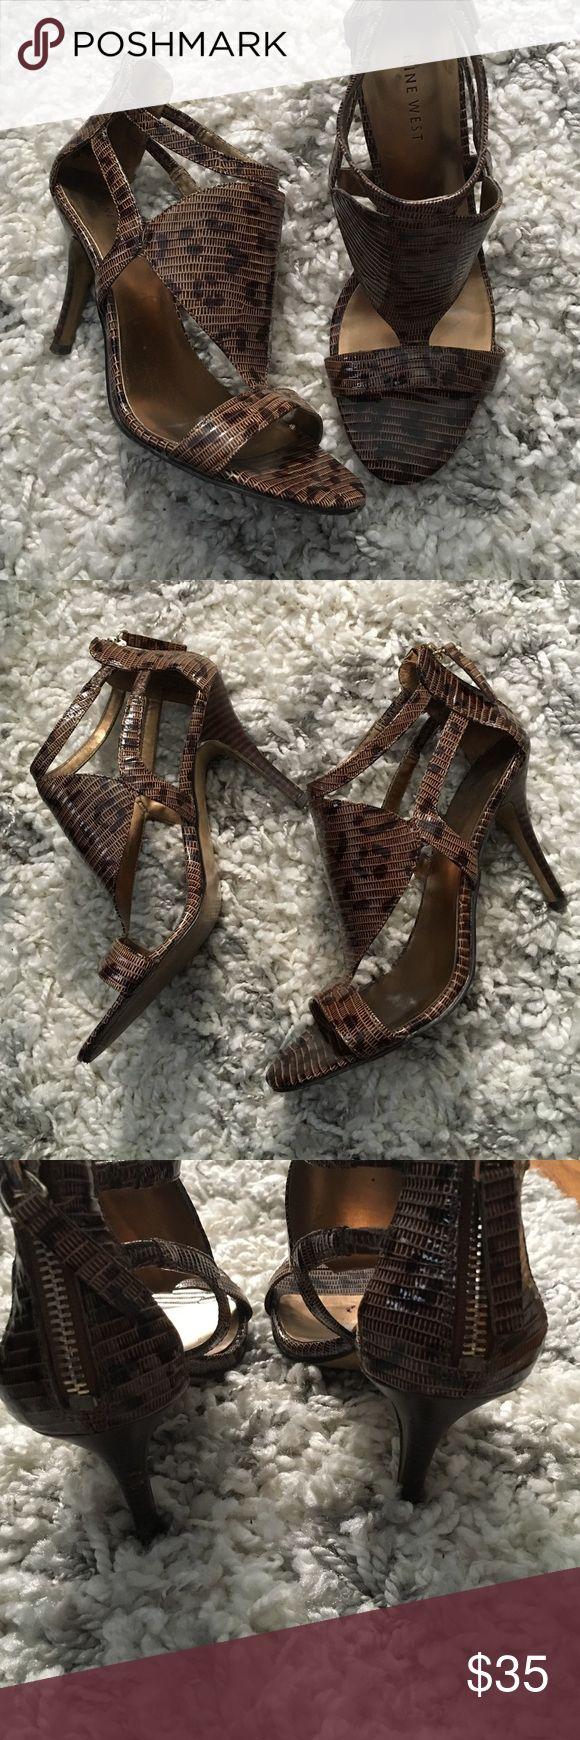 Selling this Nine West animal print heeled sandals on Poshmark! My username is: khewitt1. #shopmycloset #poshmark #fashion #shopping #style #forsale #Nine West #Shoes